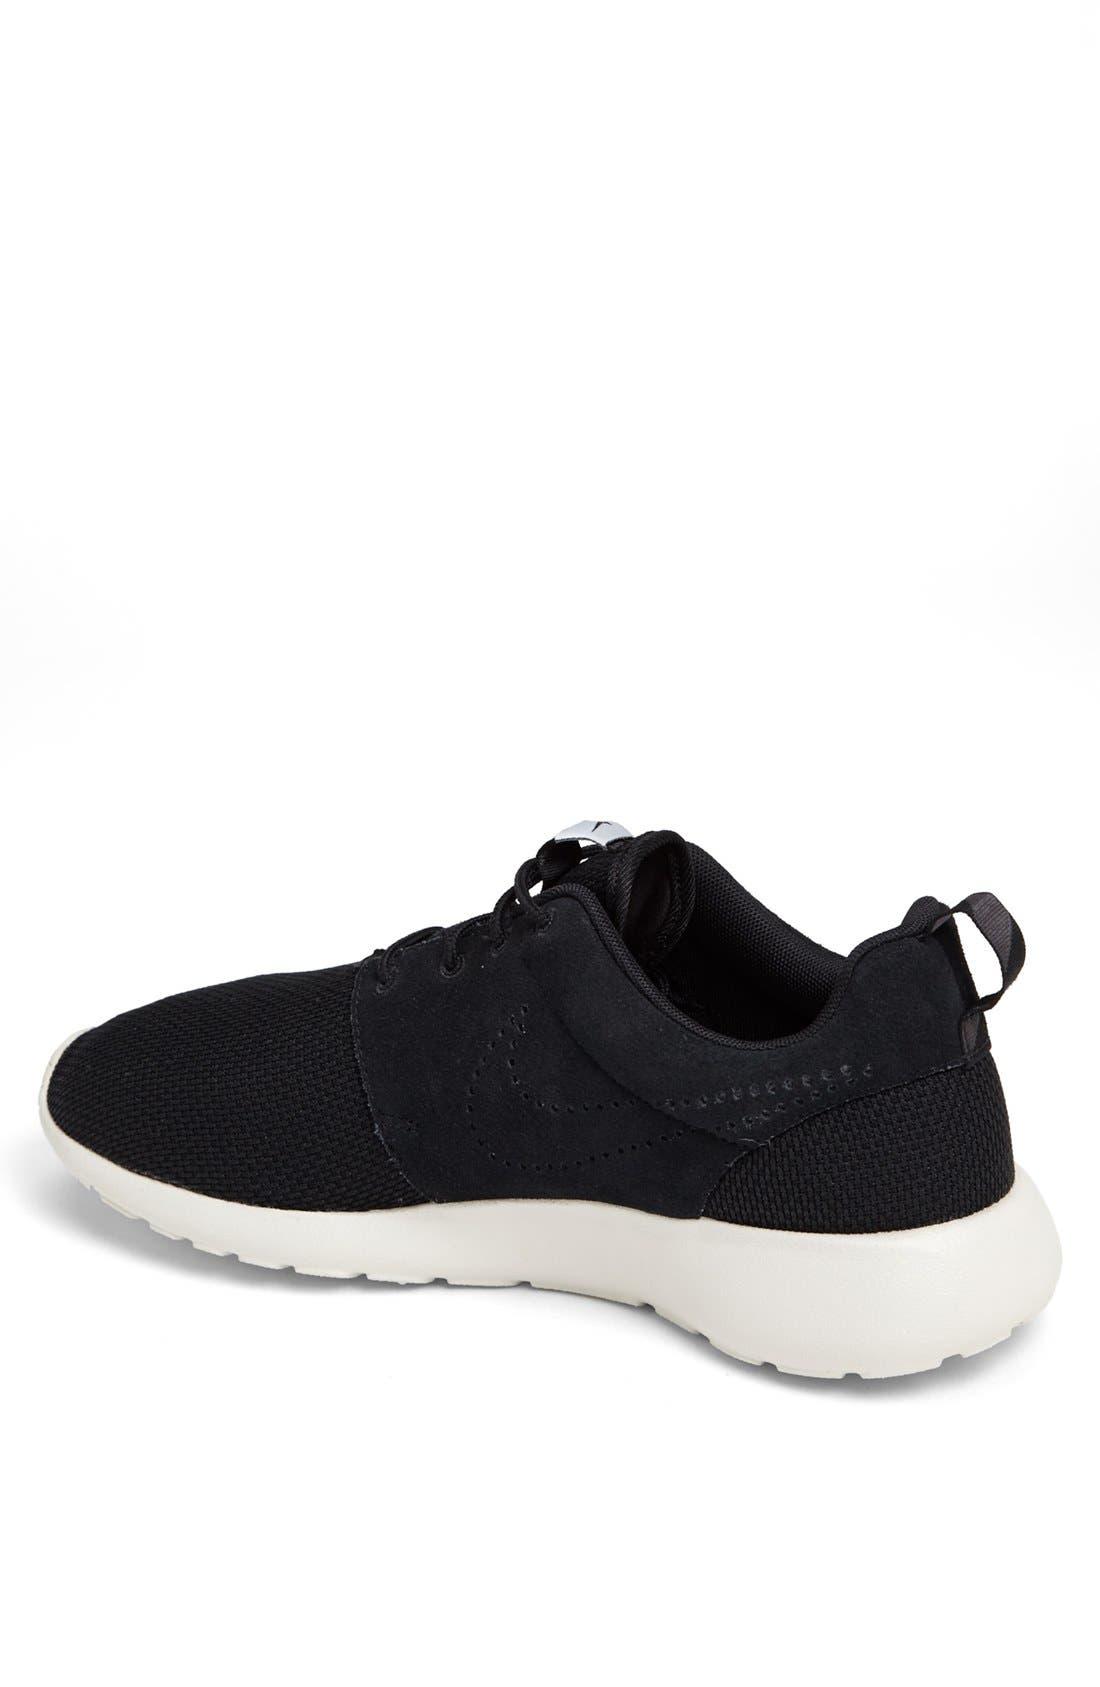 ,                             'Roshe Run' Sneaker,                             Alternate thumbnail 32, color,                             018